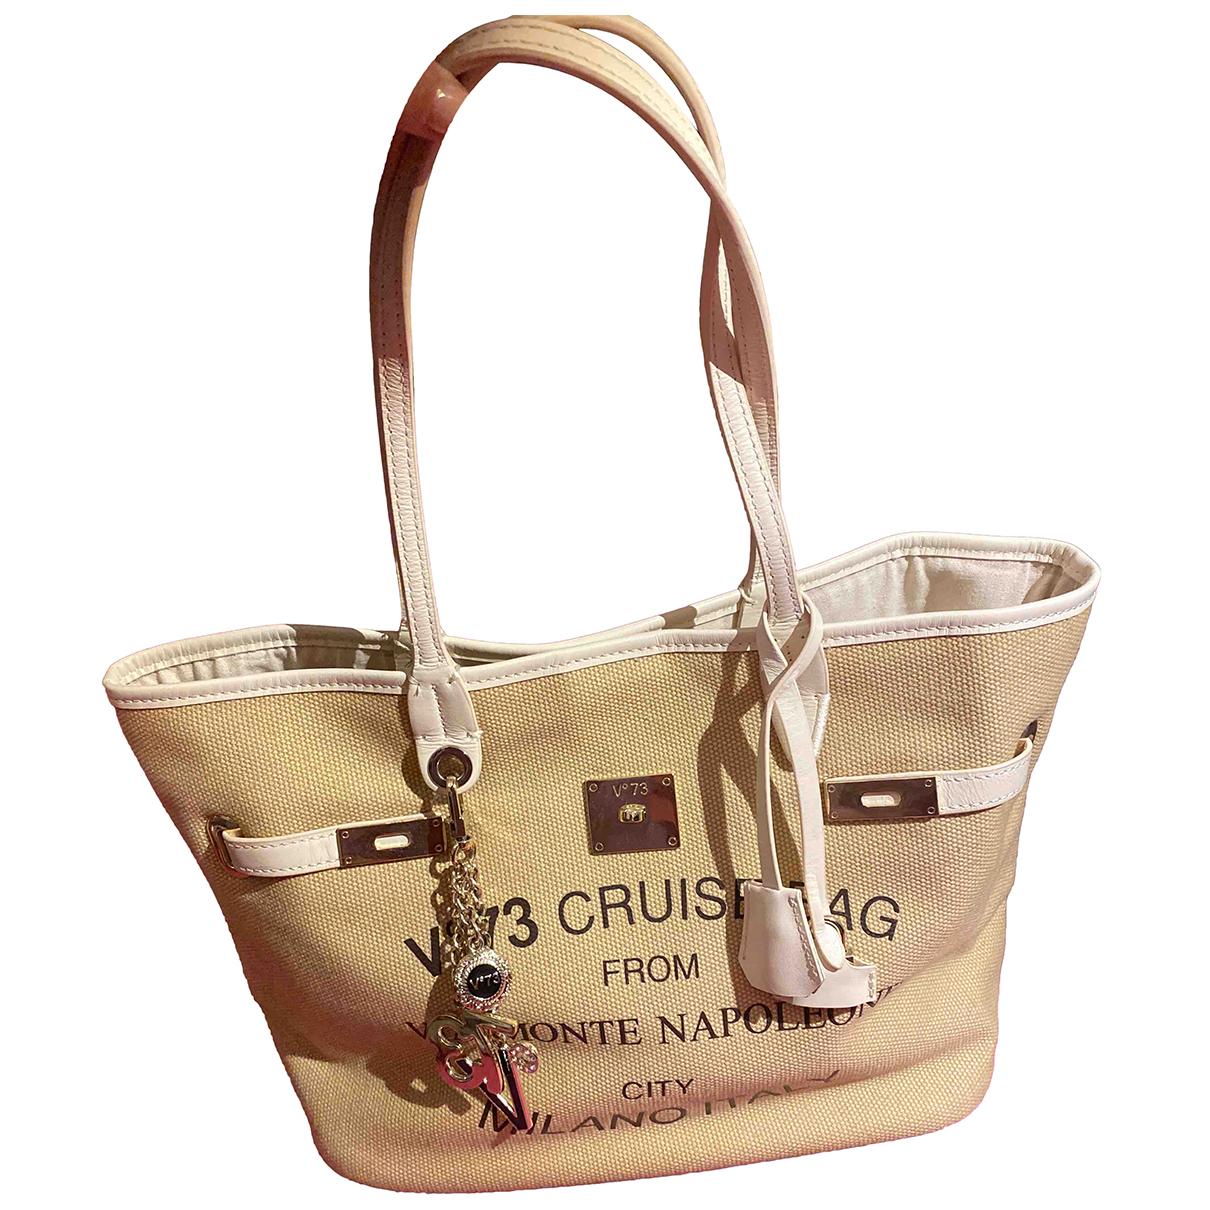 V 73 \N Handtasche in  Beige Baumwolle